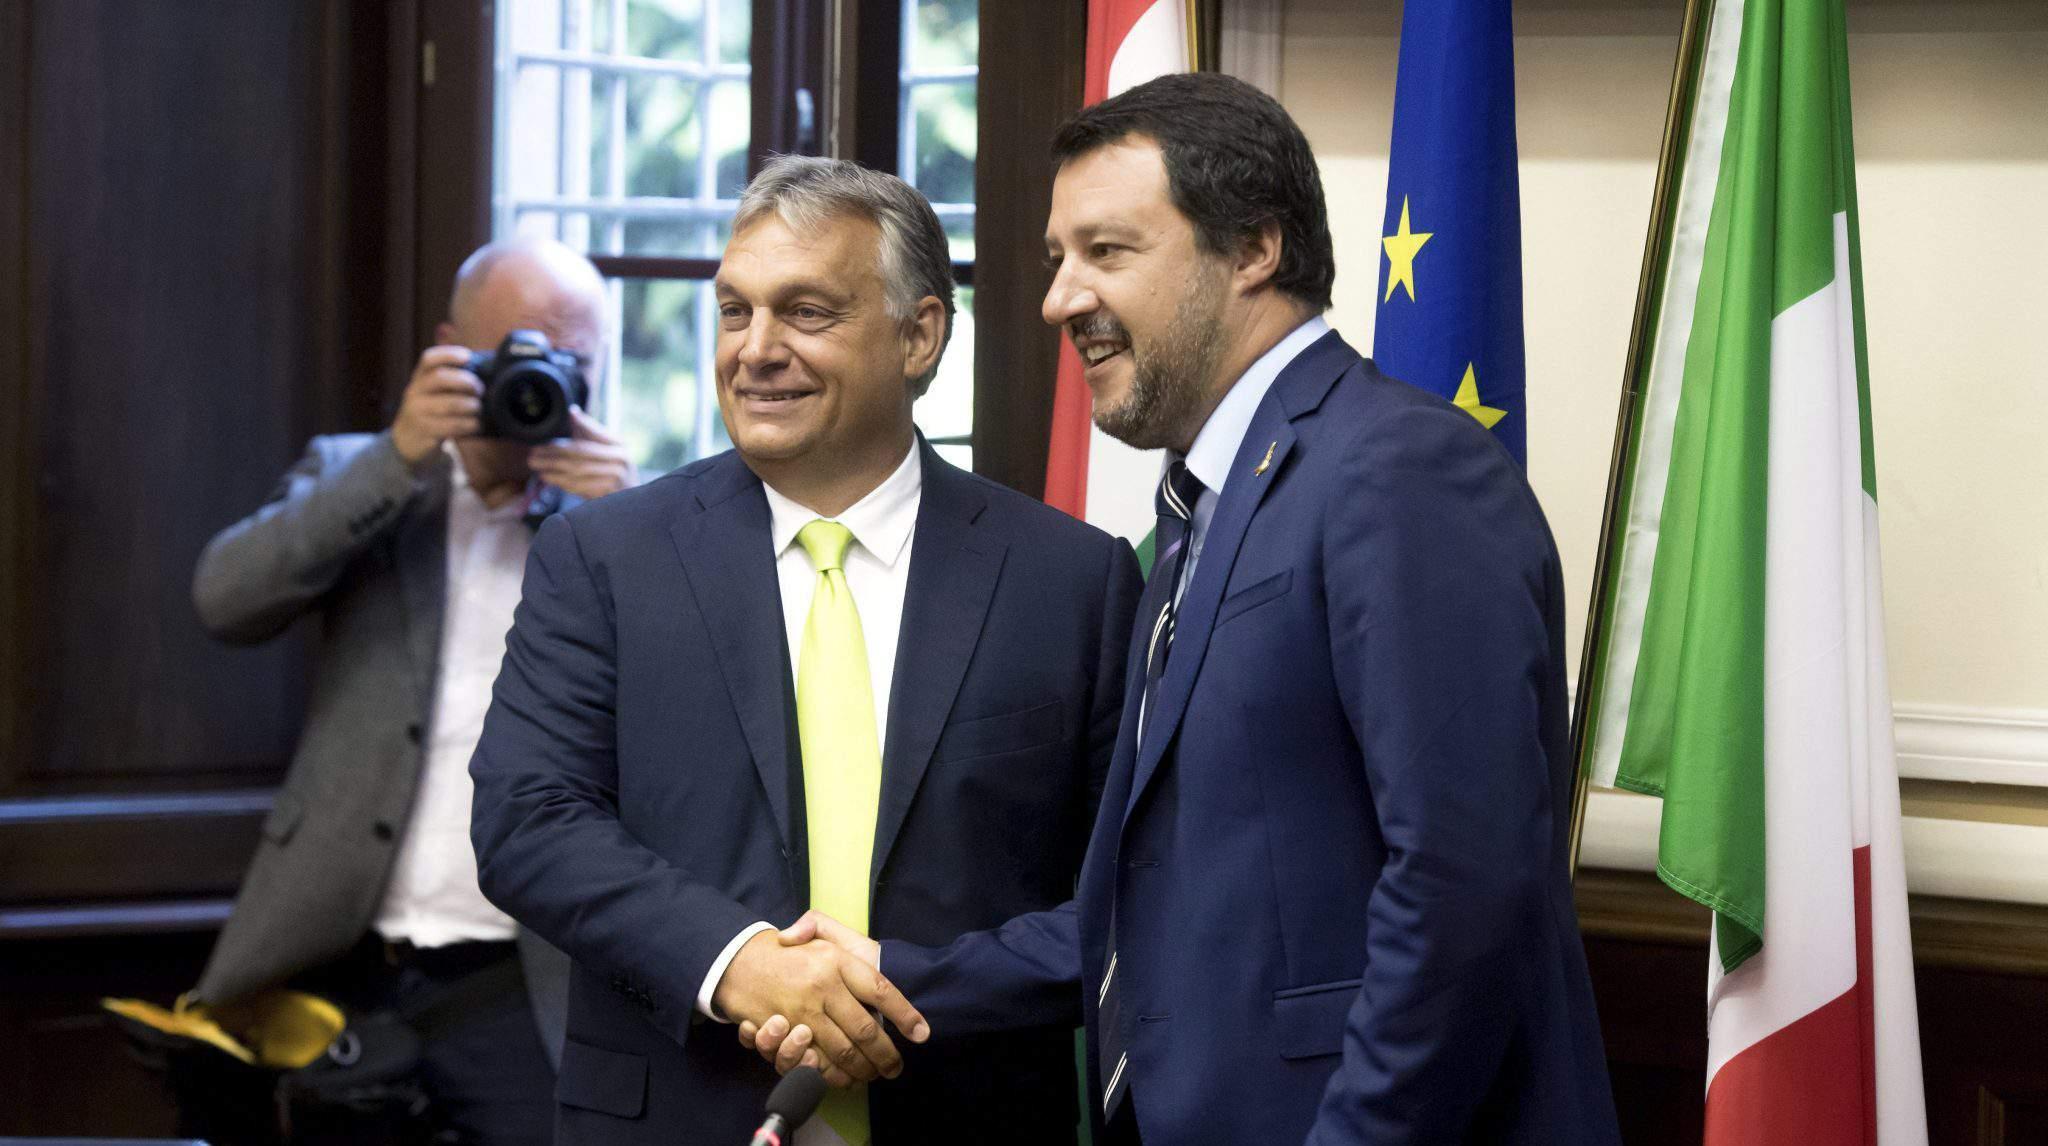 Orbán Salvini